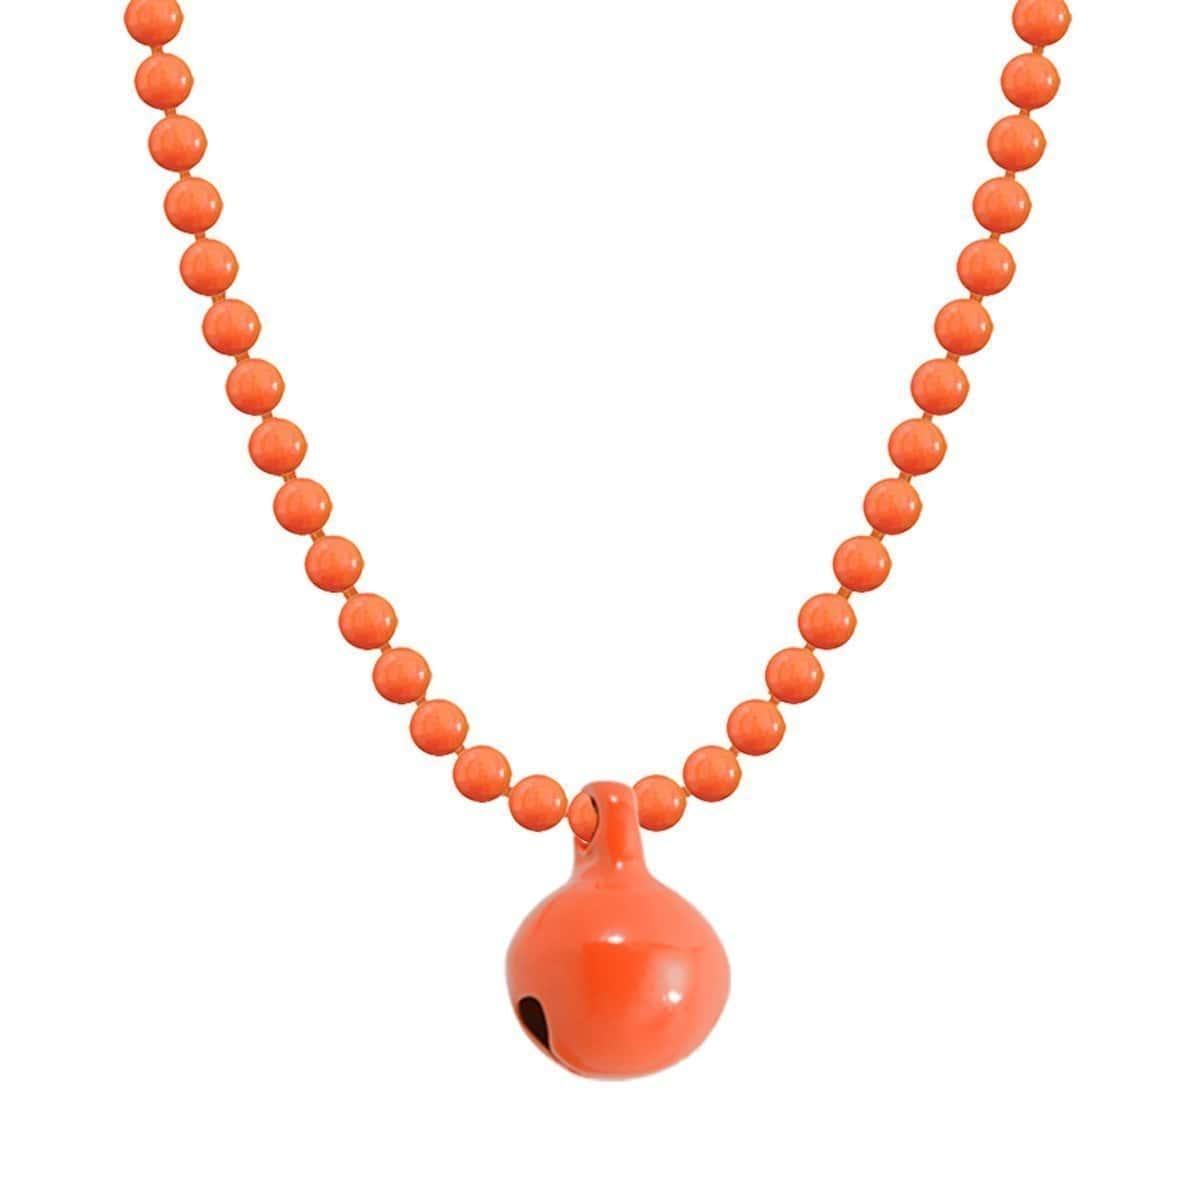 Allumette Neon Bell Necklace - Neon Orange